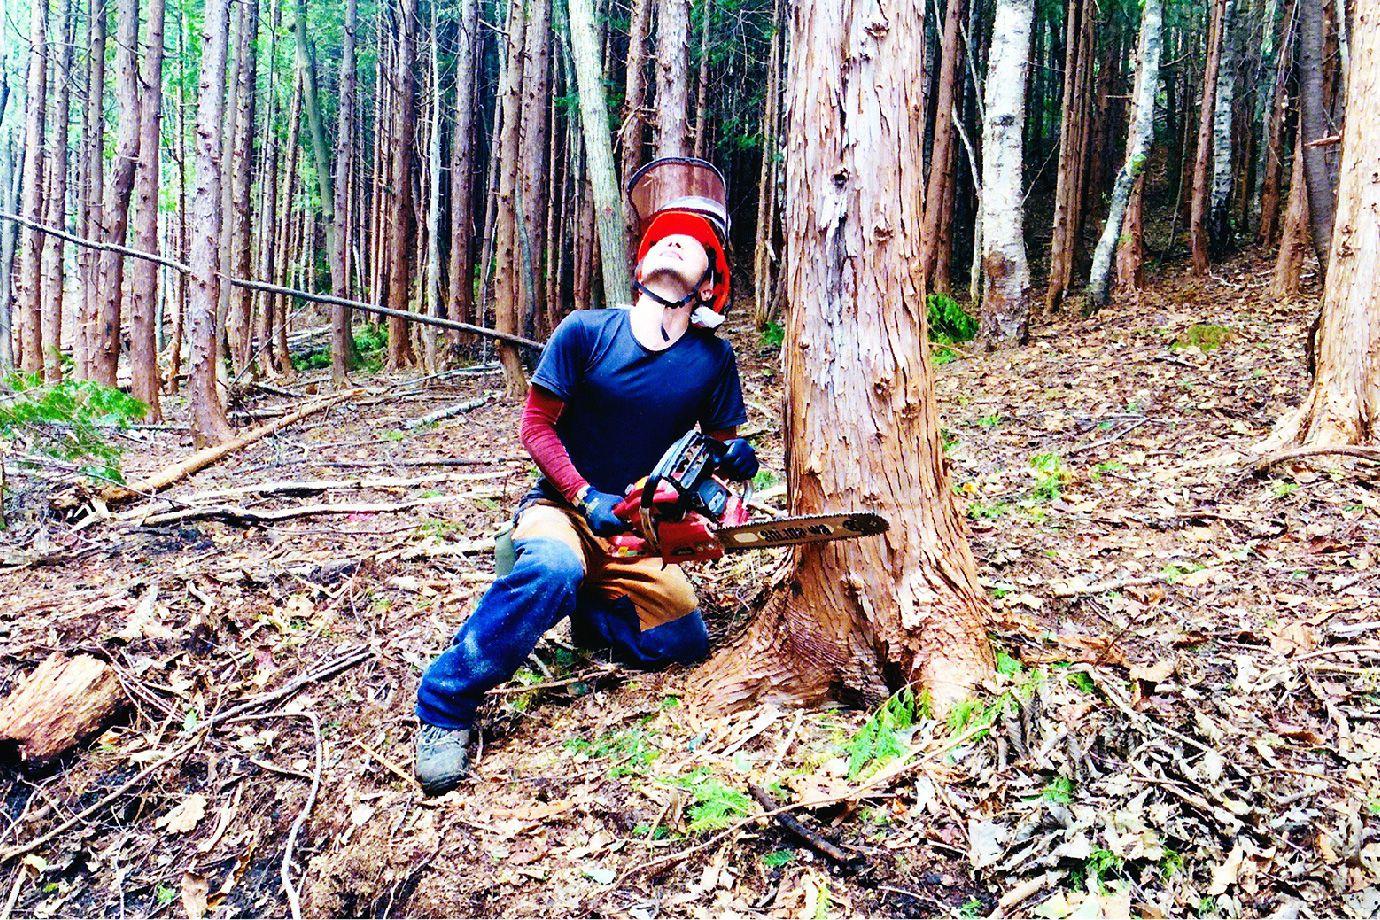 Fさんがチェンソーで木を切っている写真